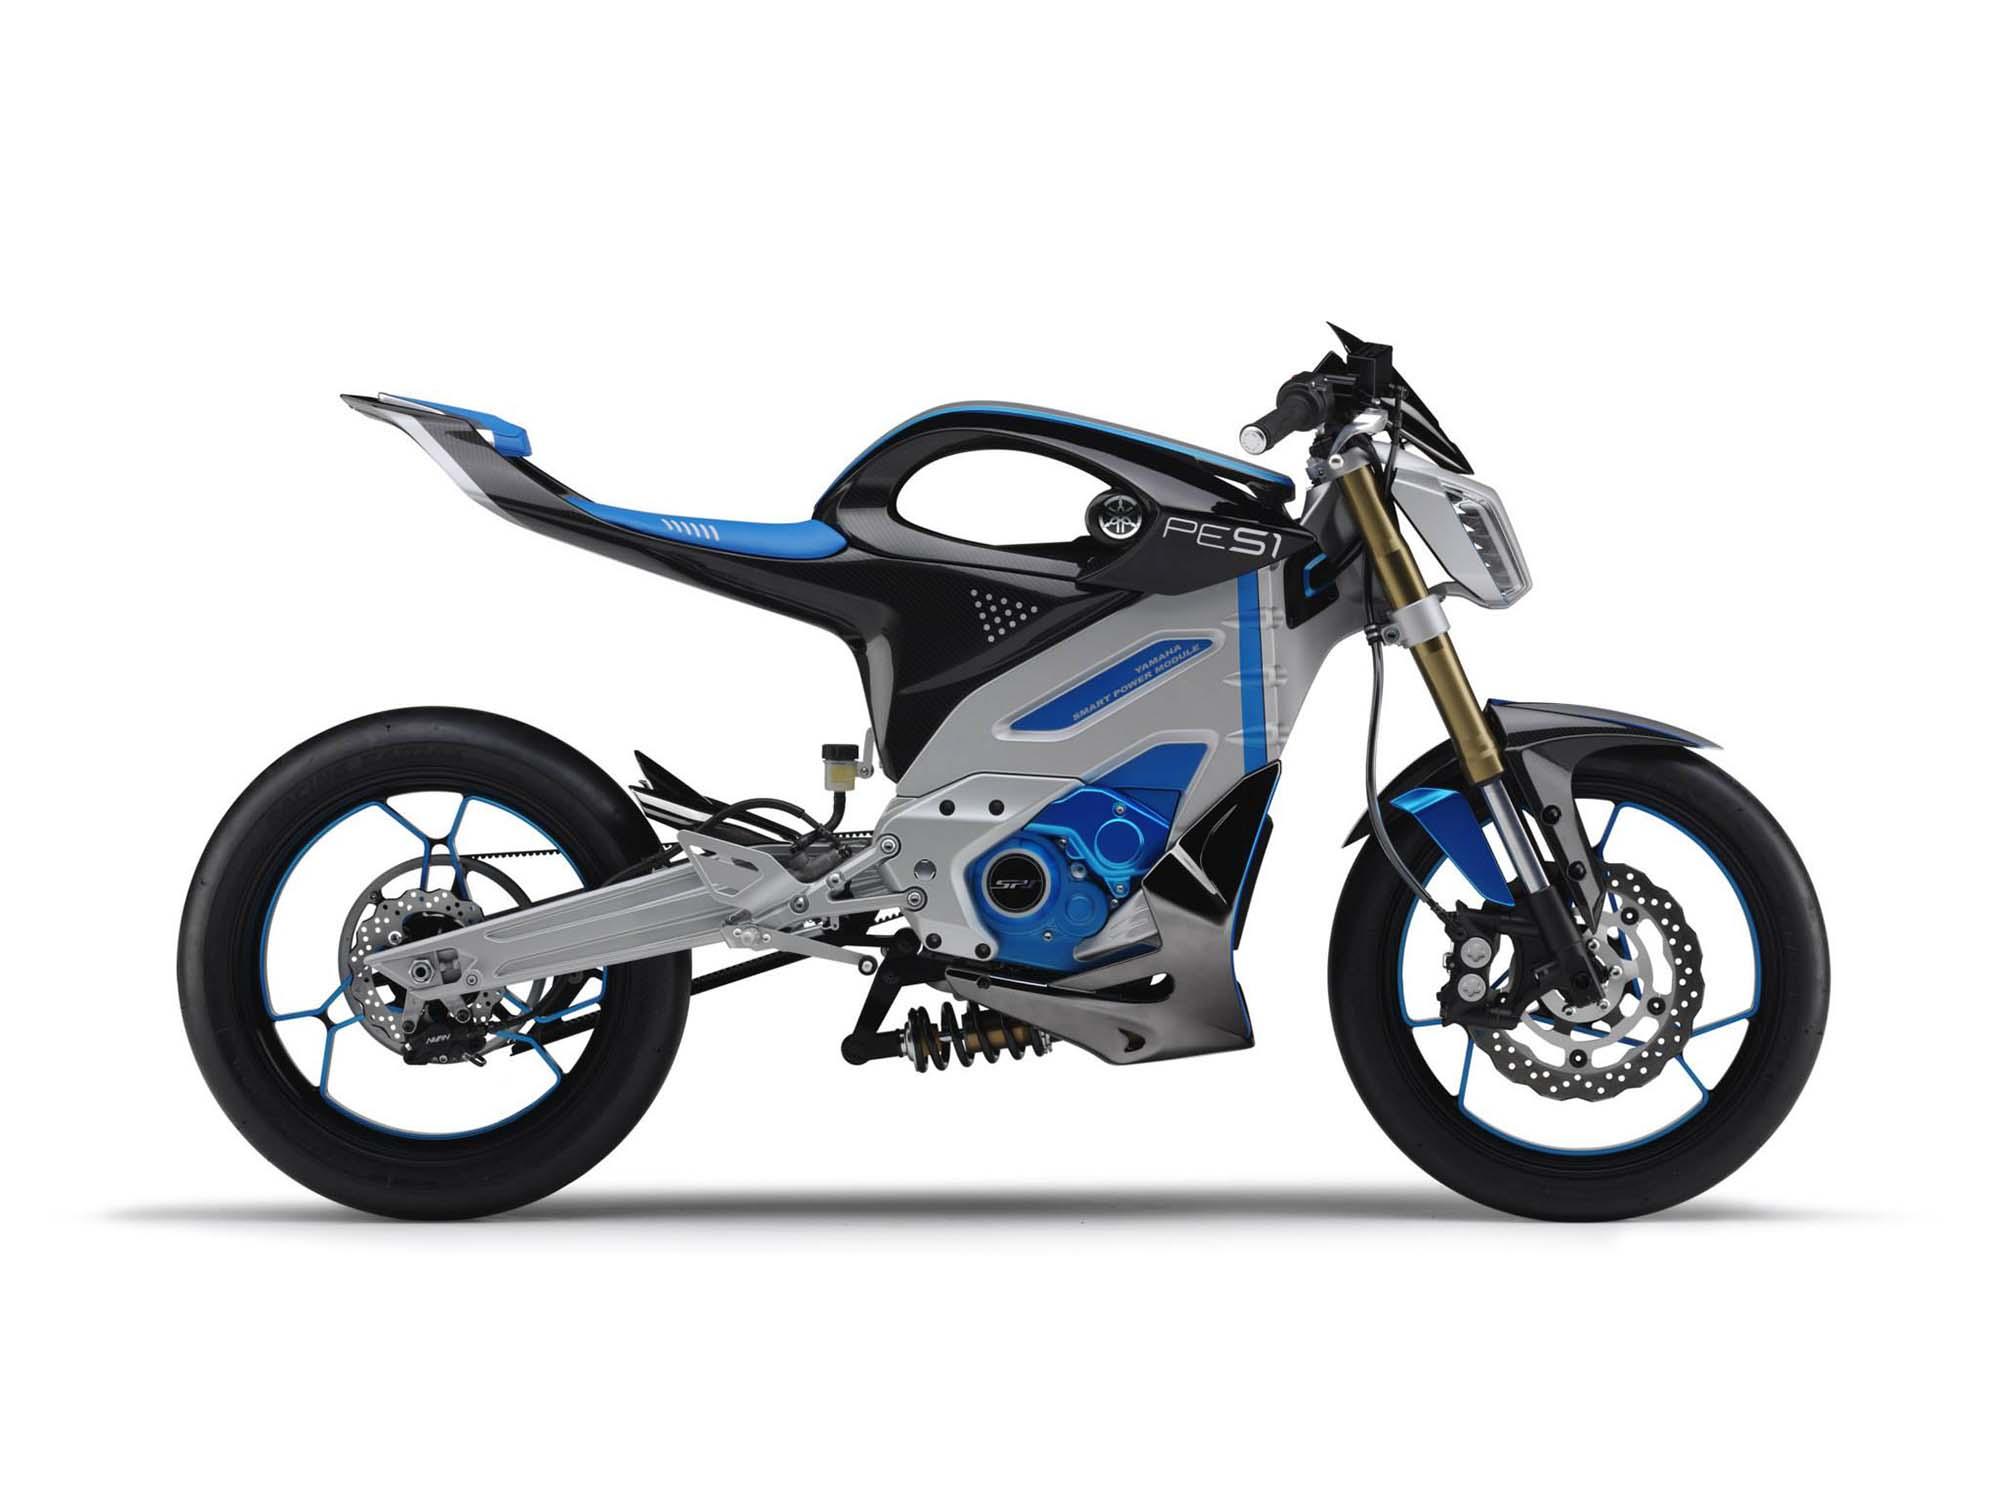 Looks Like the Yamaha PES1 Electric Street Bike Is a ...